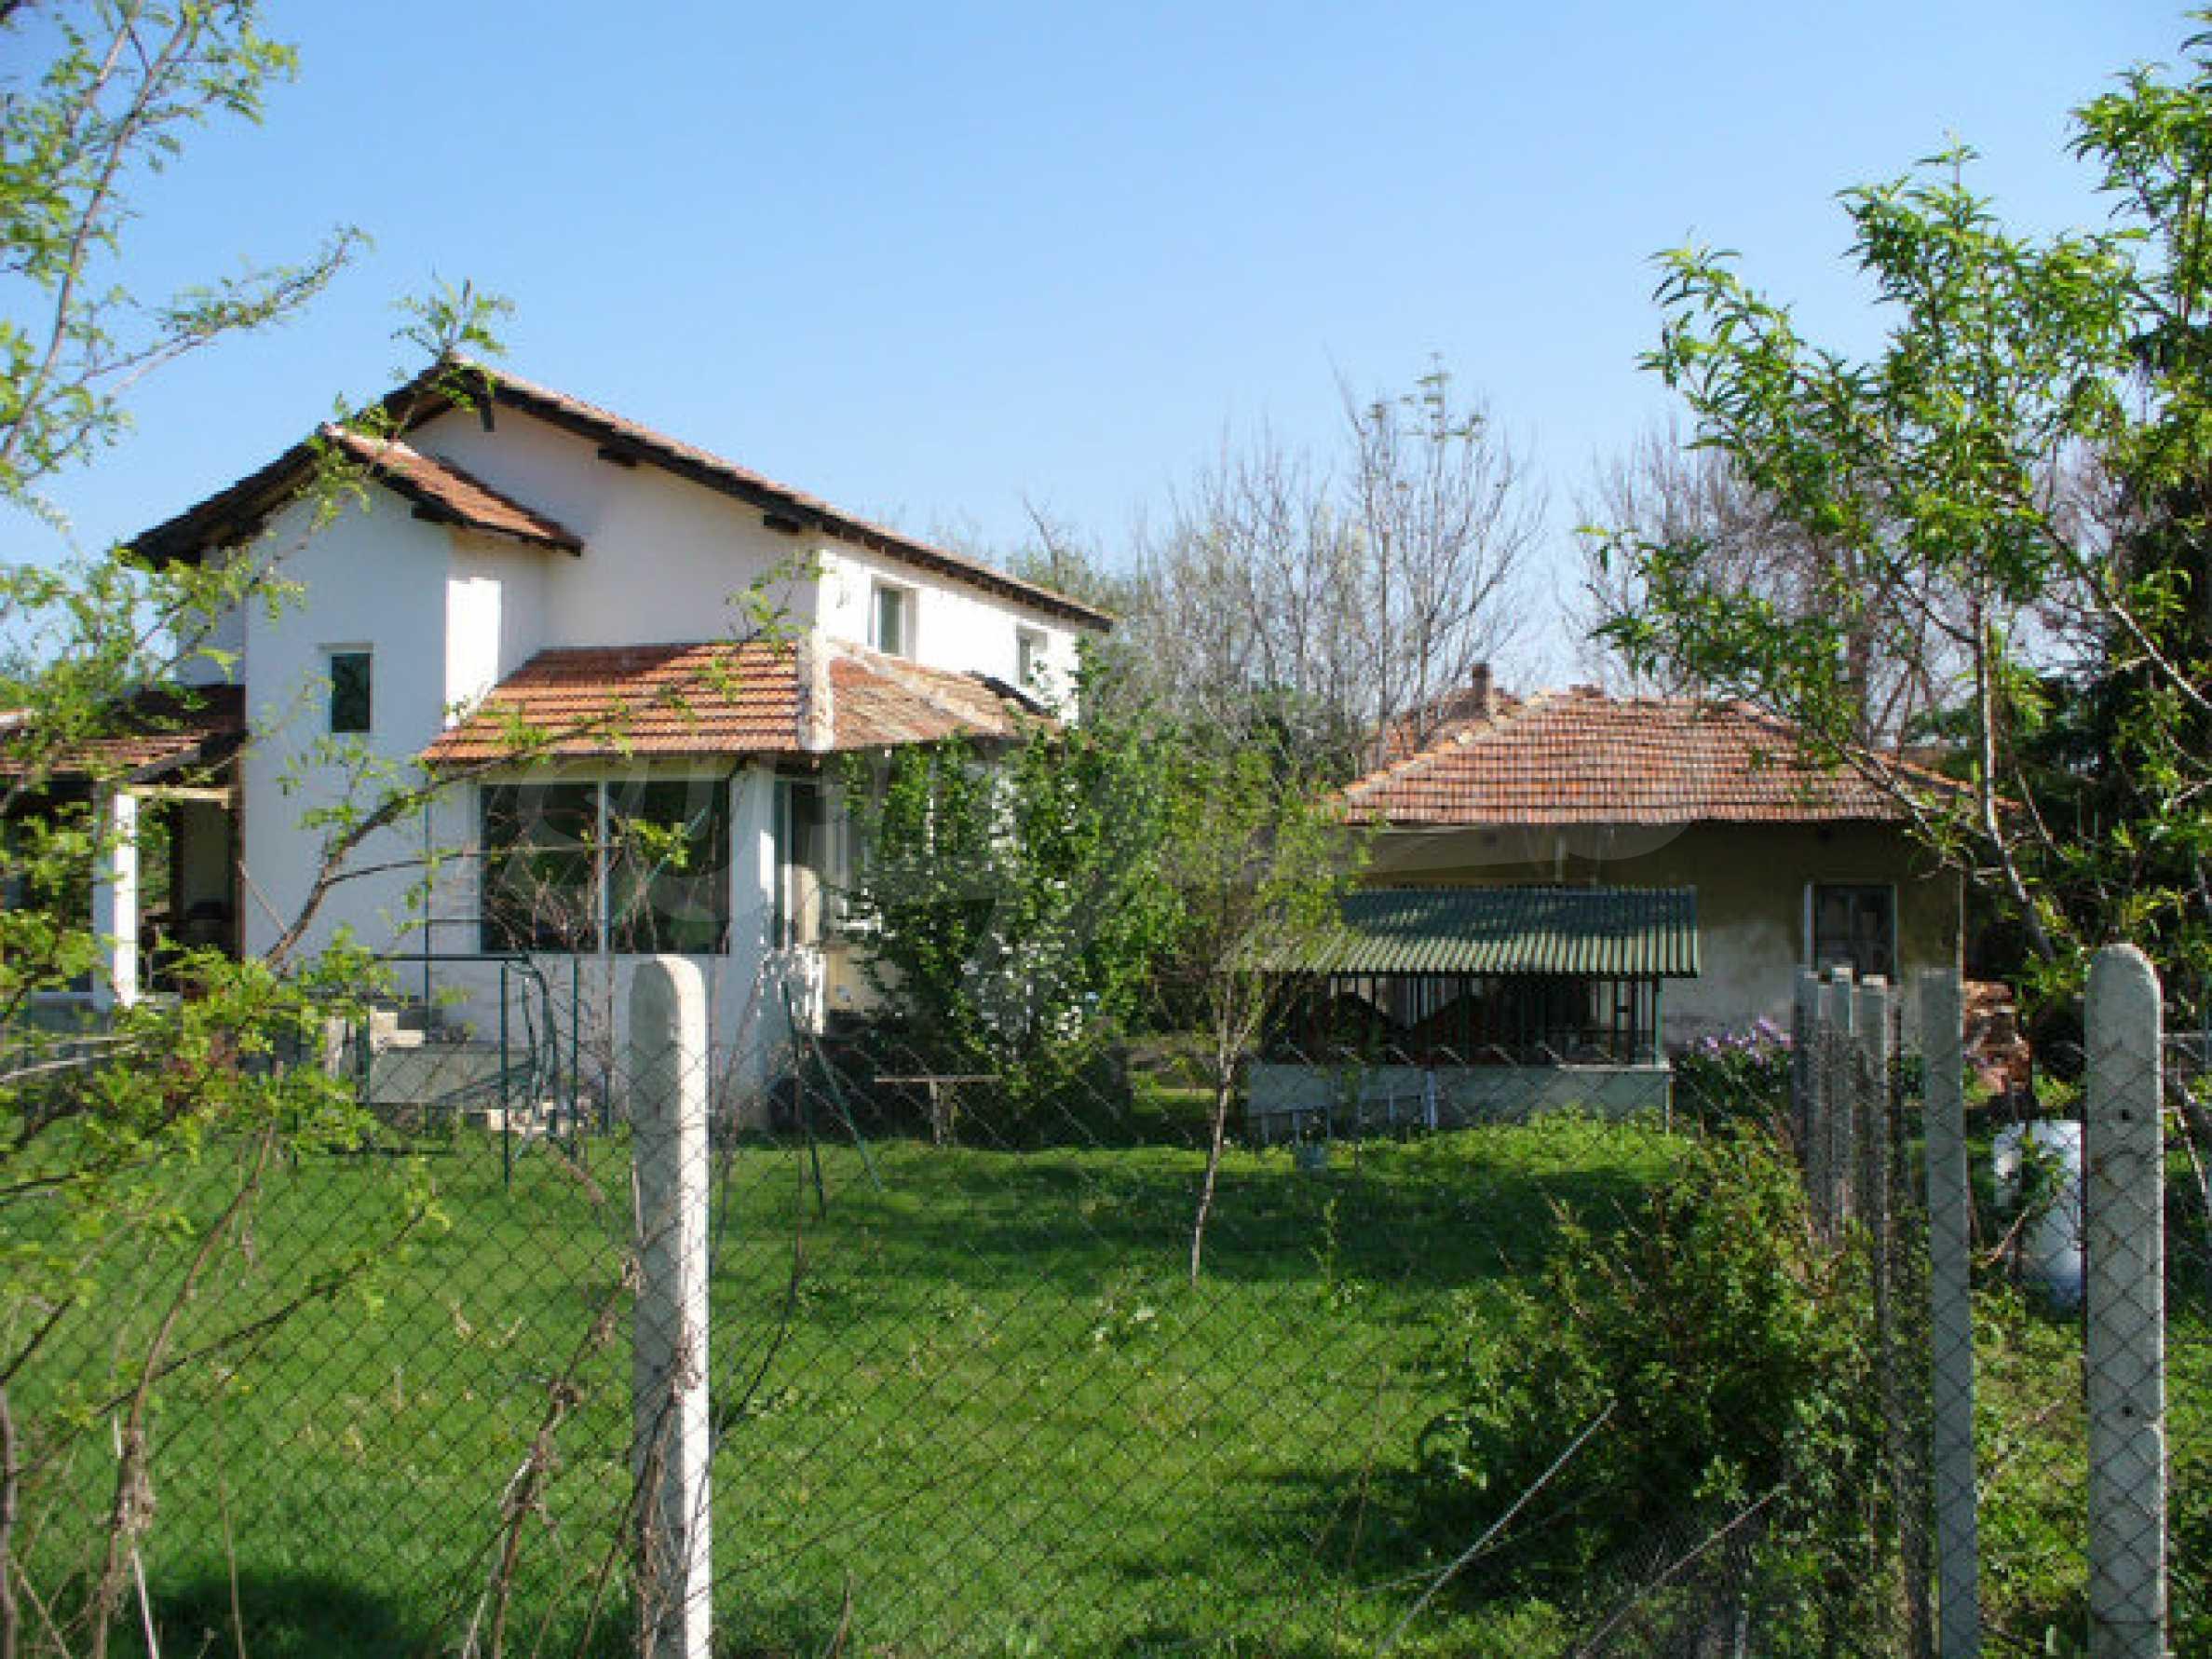 Solides Haus in sehr gutem Zustand, 30 km von Vidin 1